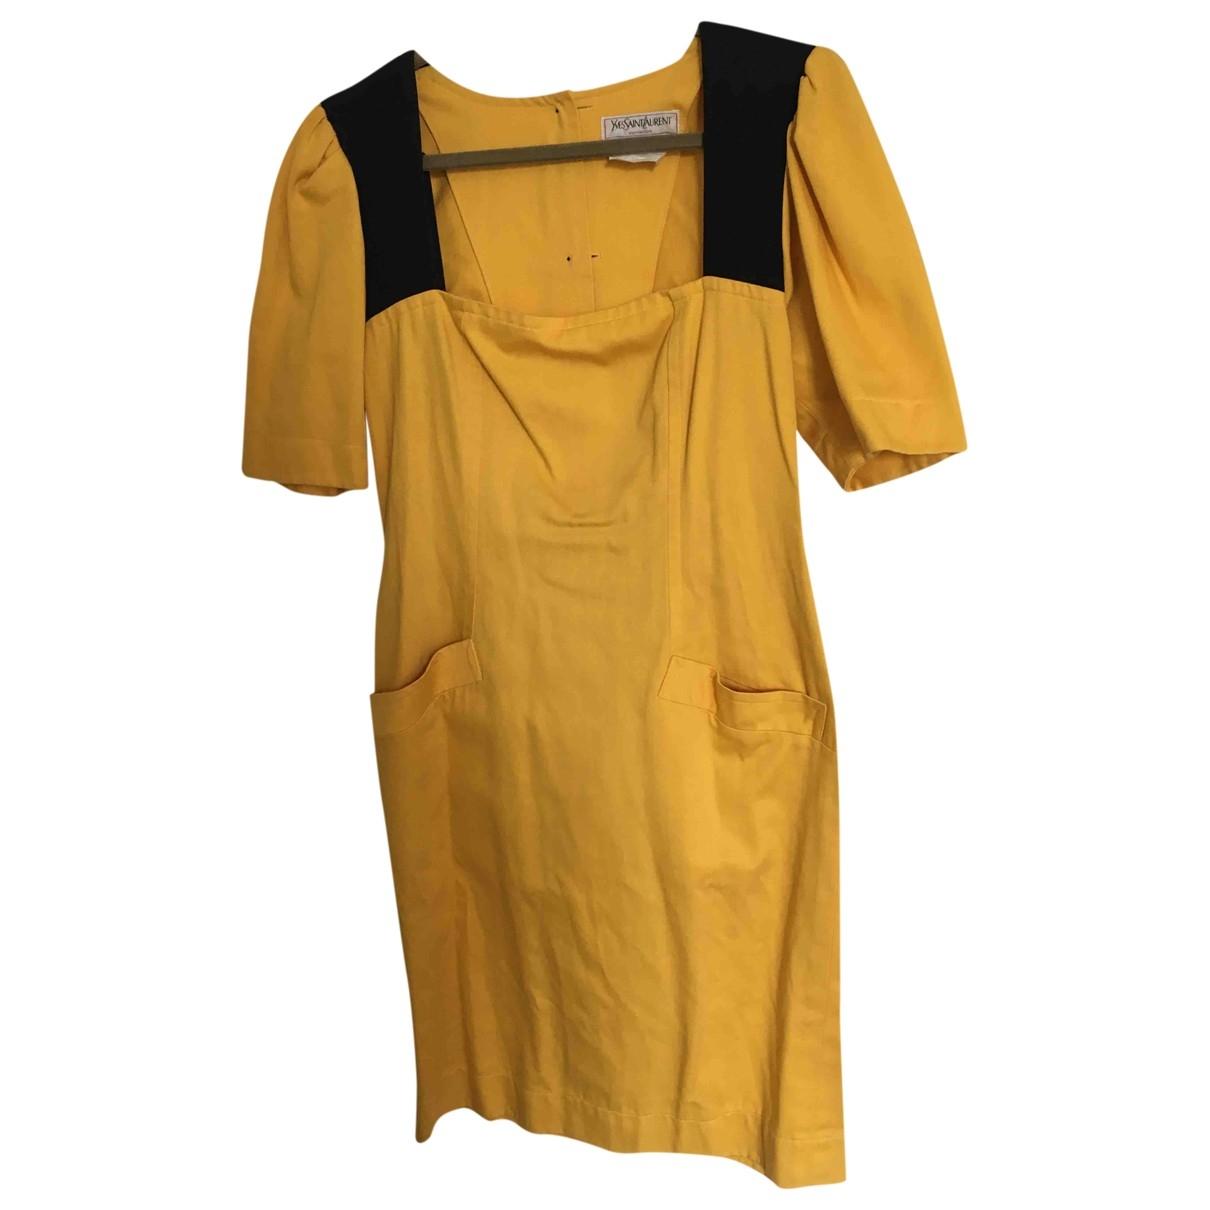 Yves Saint Laurent \N Kleid in  Gelb Baumwolle